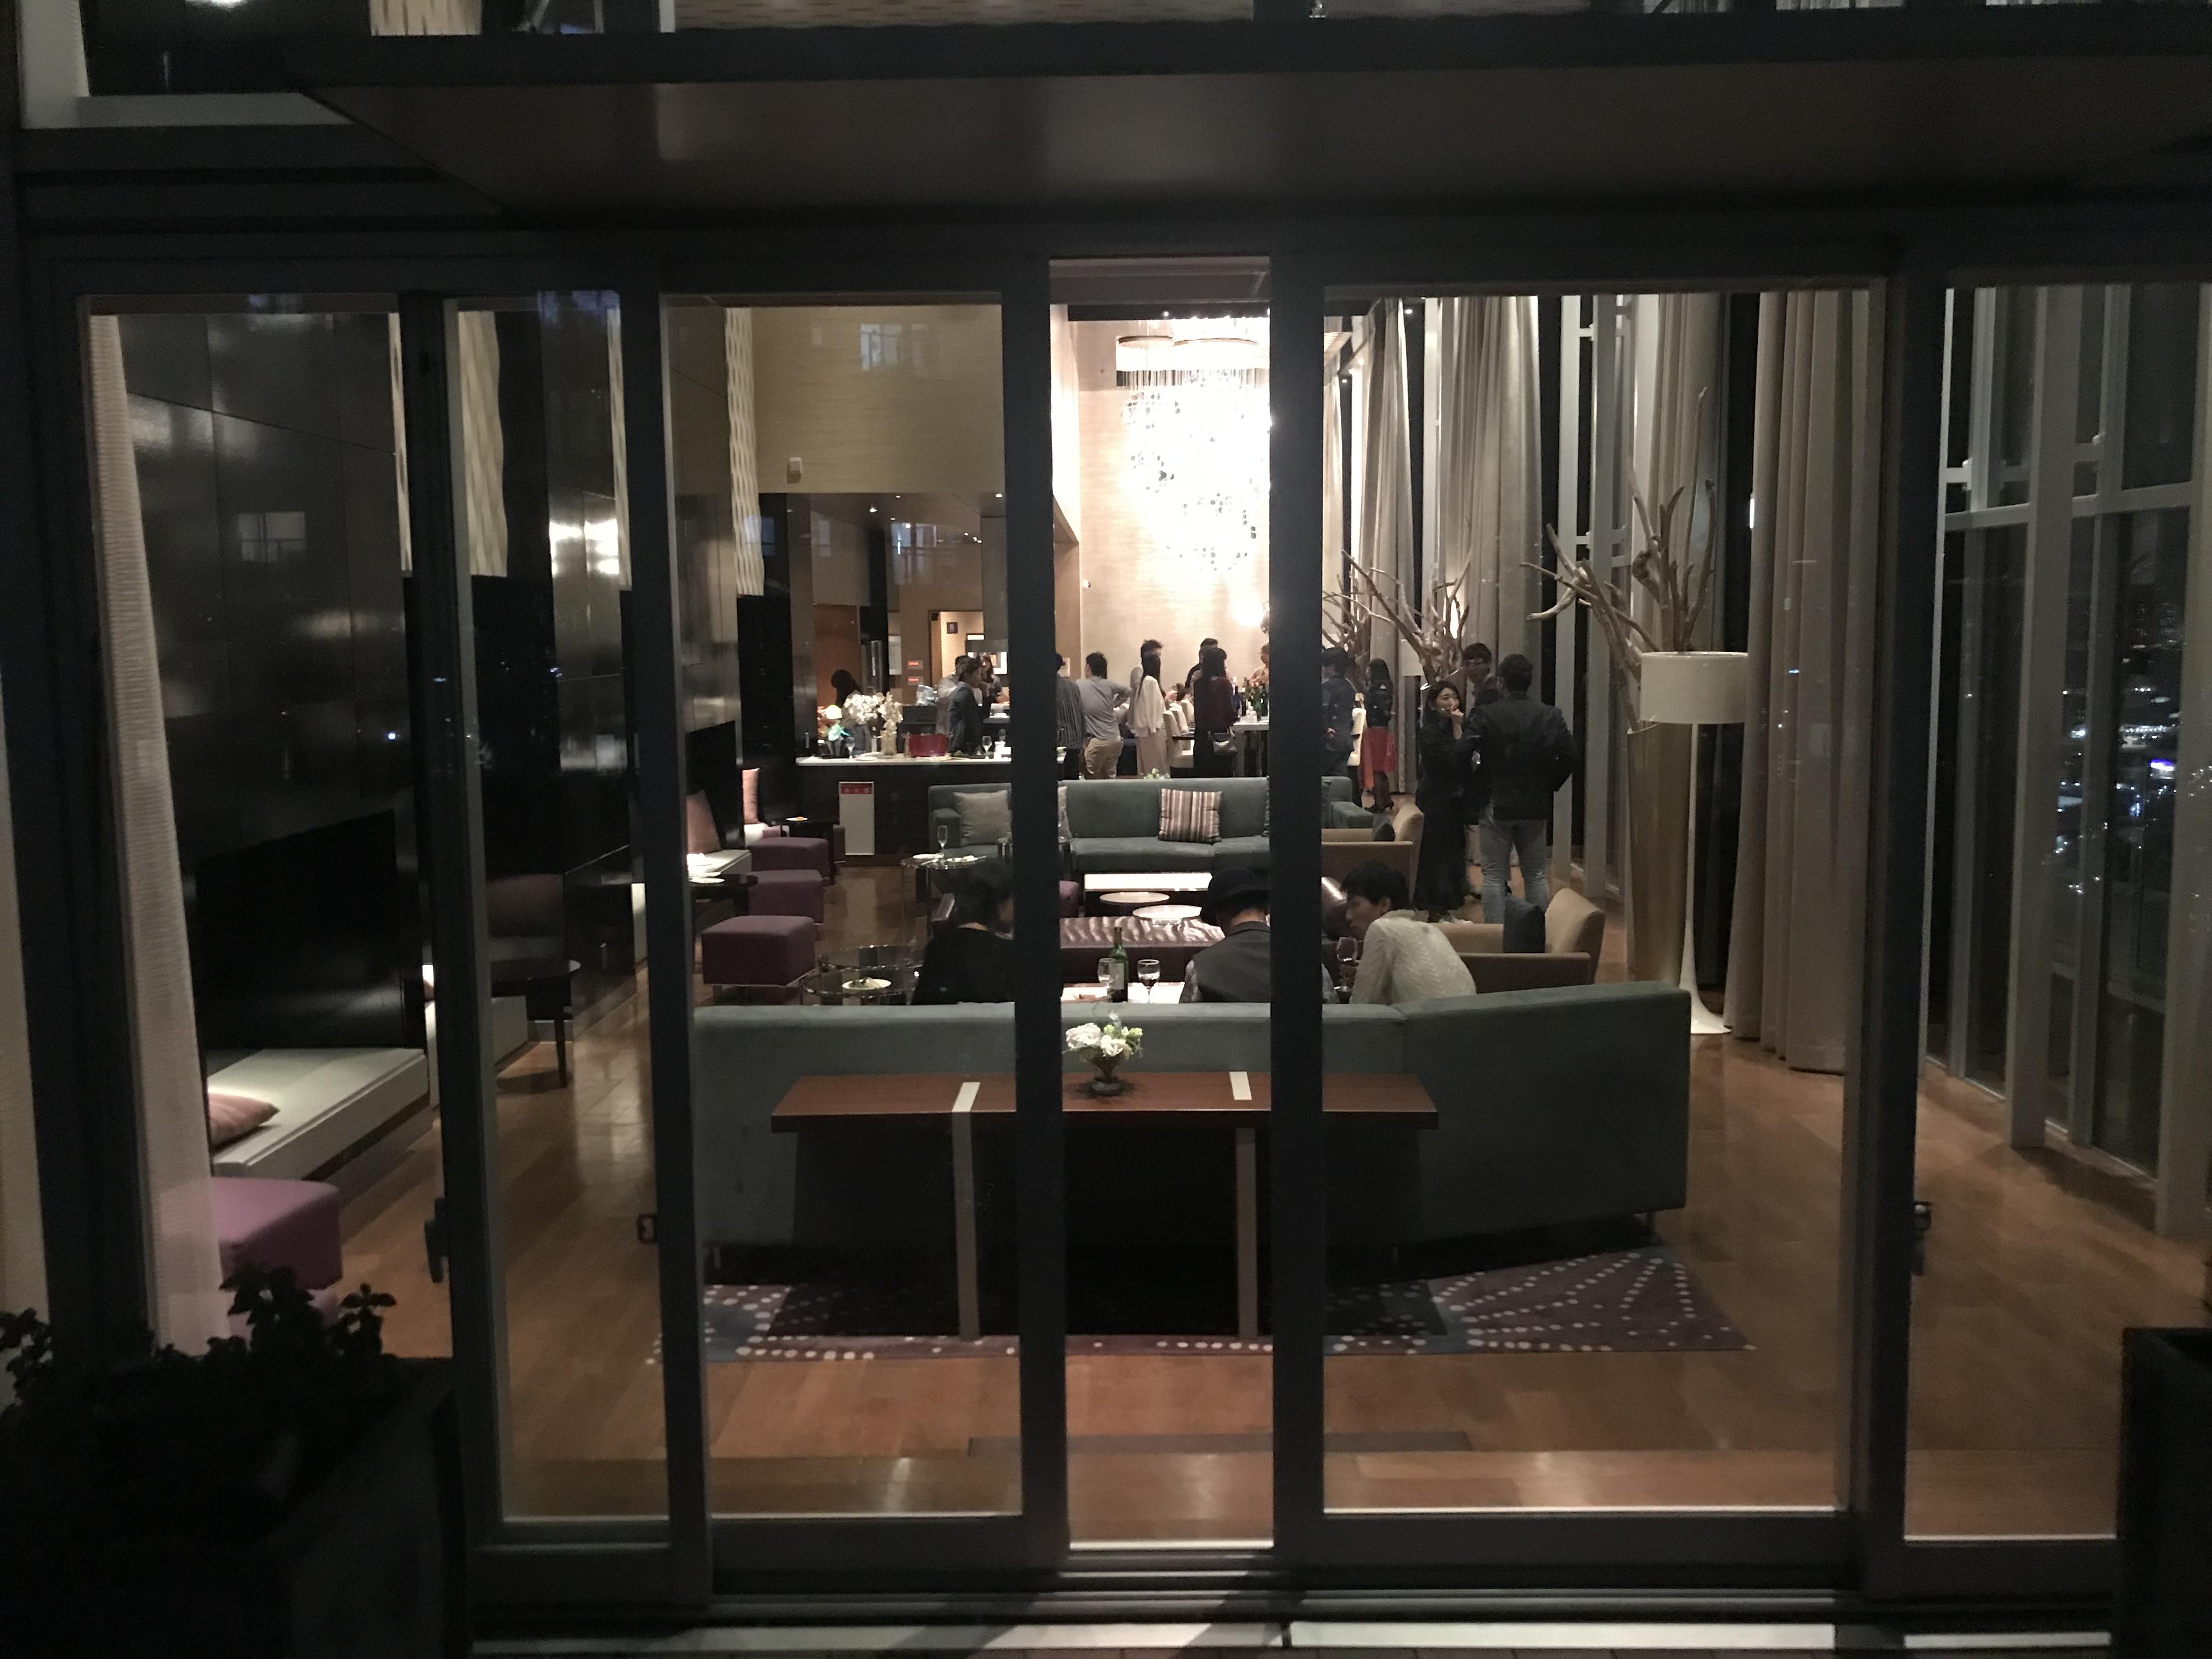 (終了)2018年10月26日(金)20時~@新宿  ハイスペック男子❎豪華料理、独身ワイン会のお知らせです🍻💕